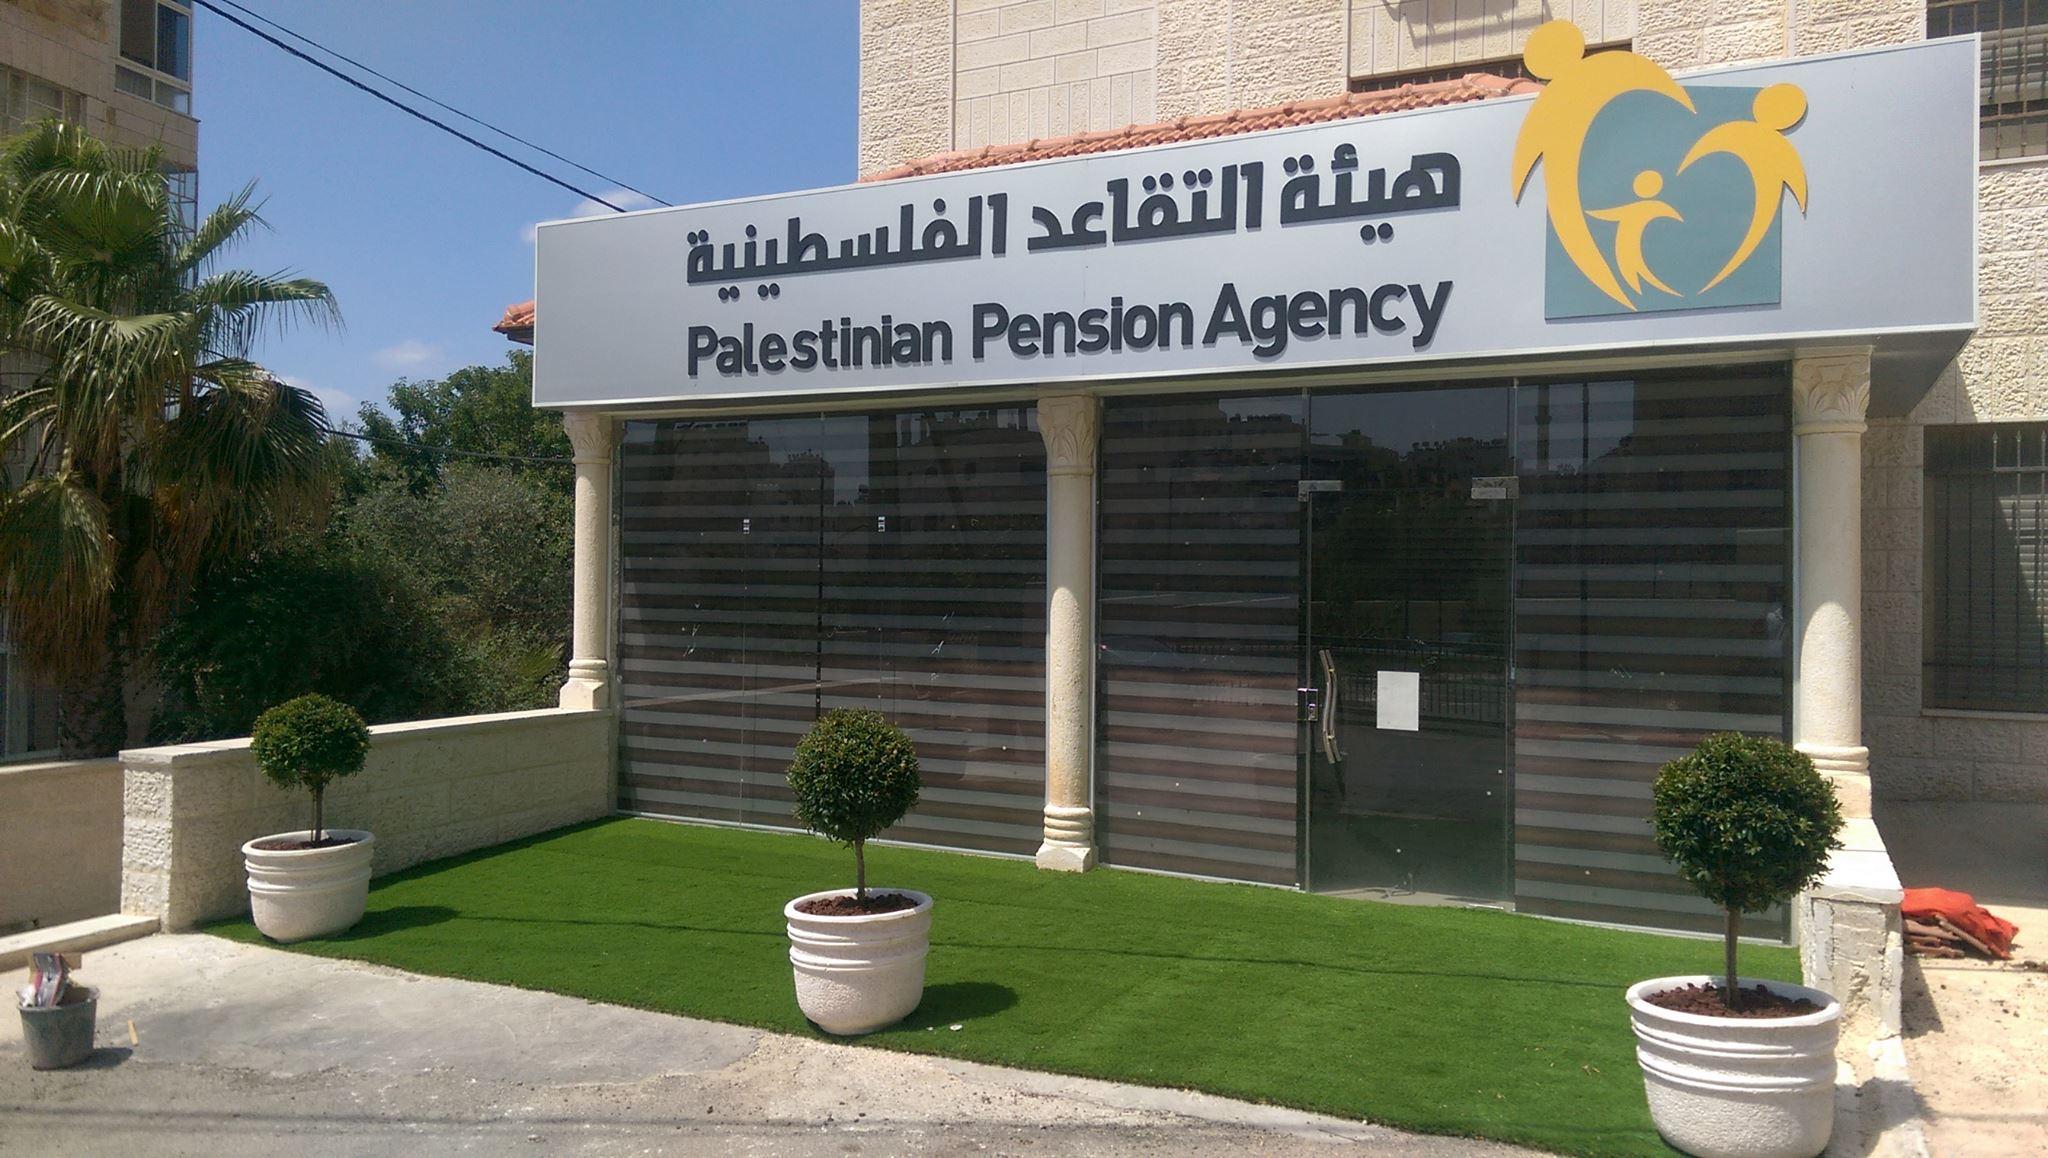 هيئة التقاعد الفلسطينية في رام الله